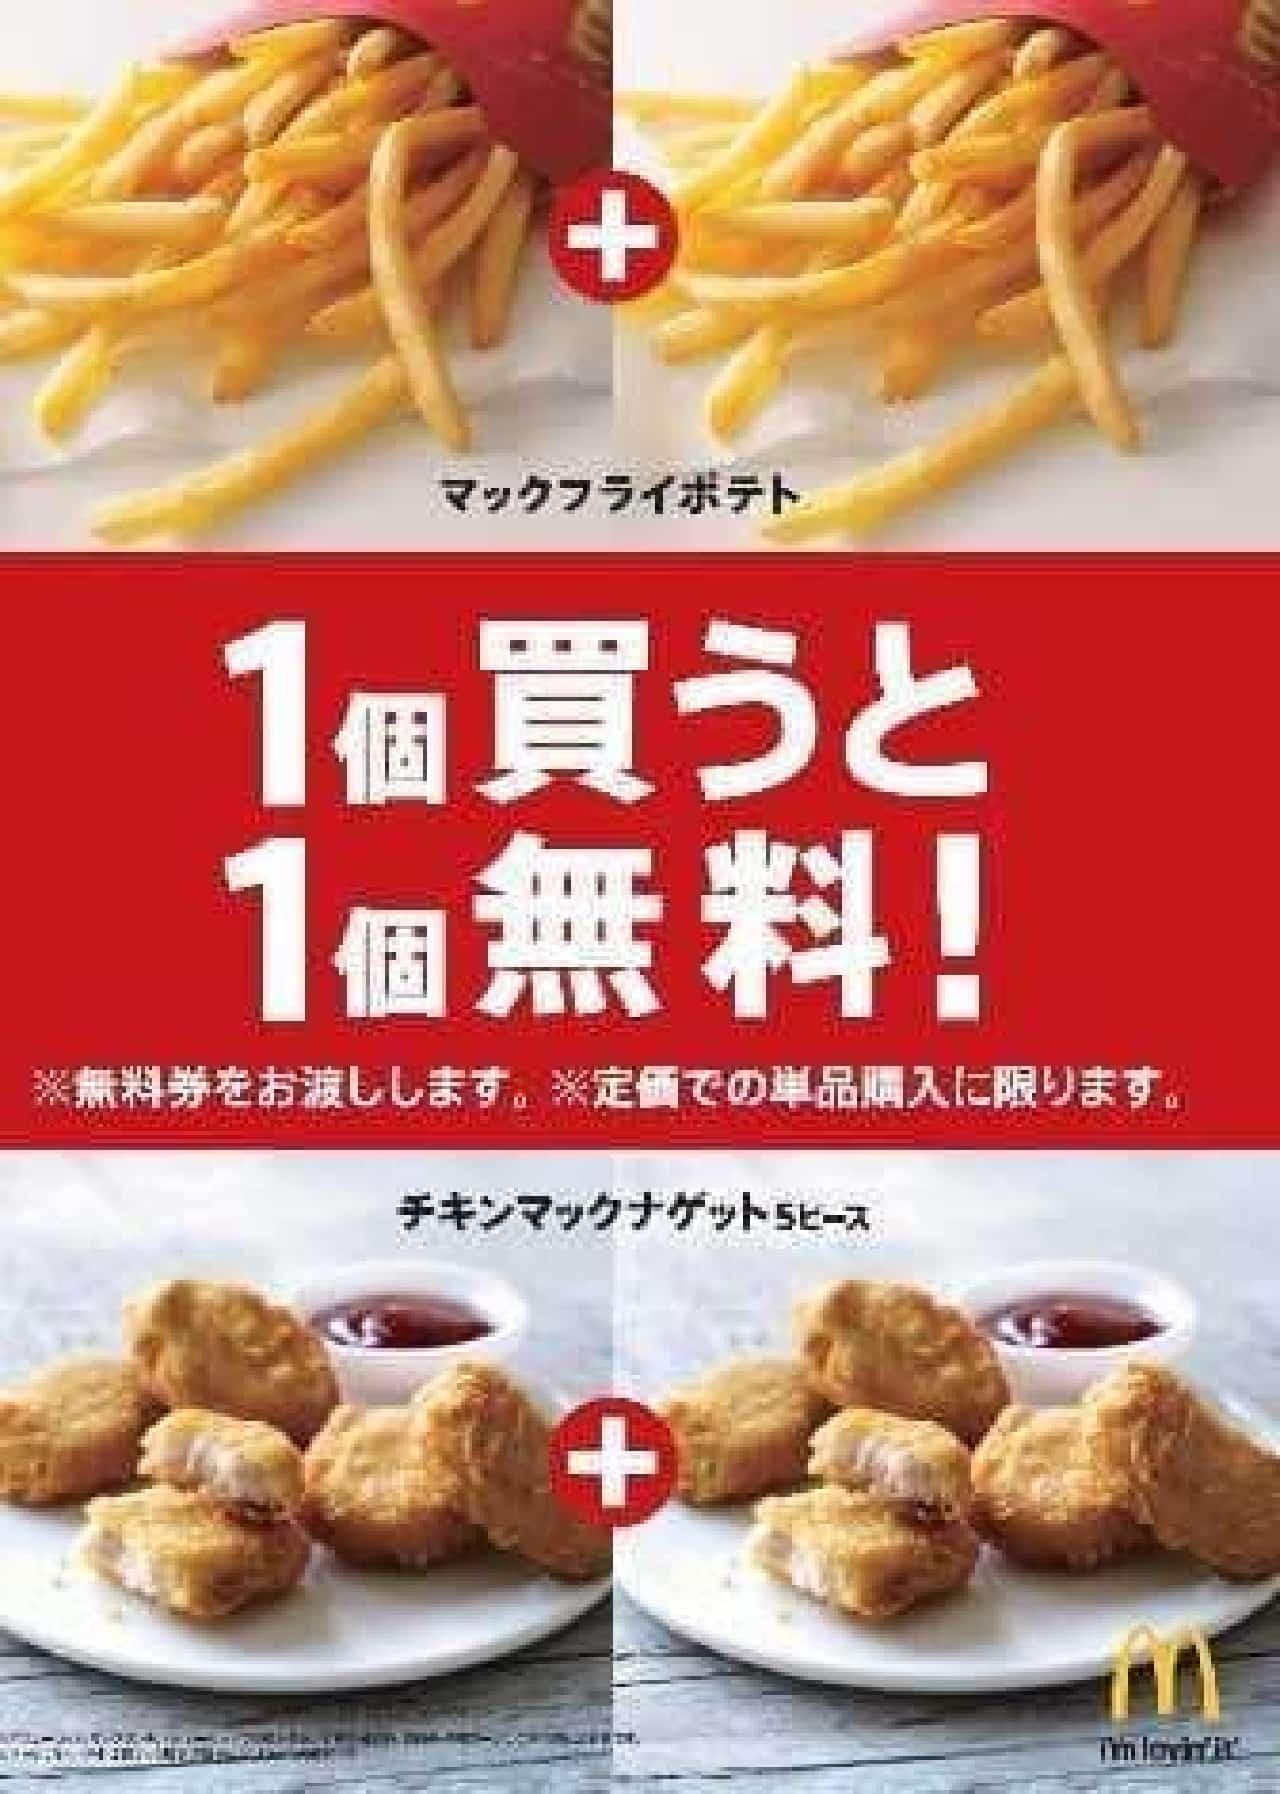 「1個買うと1個無料!」キャンペーン